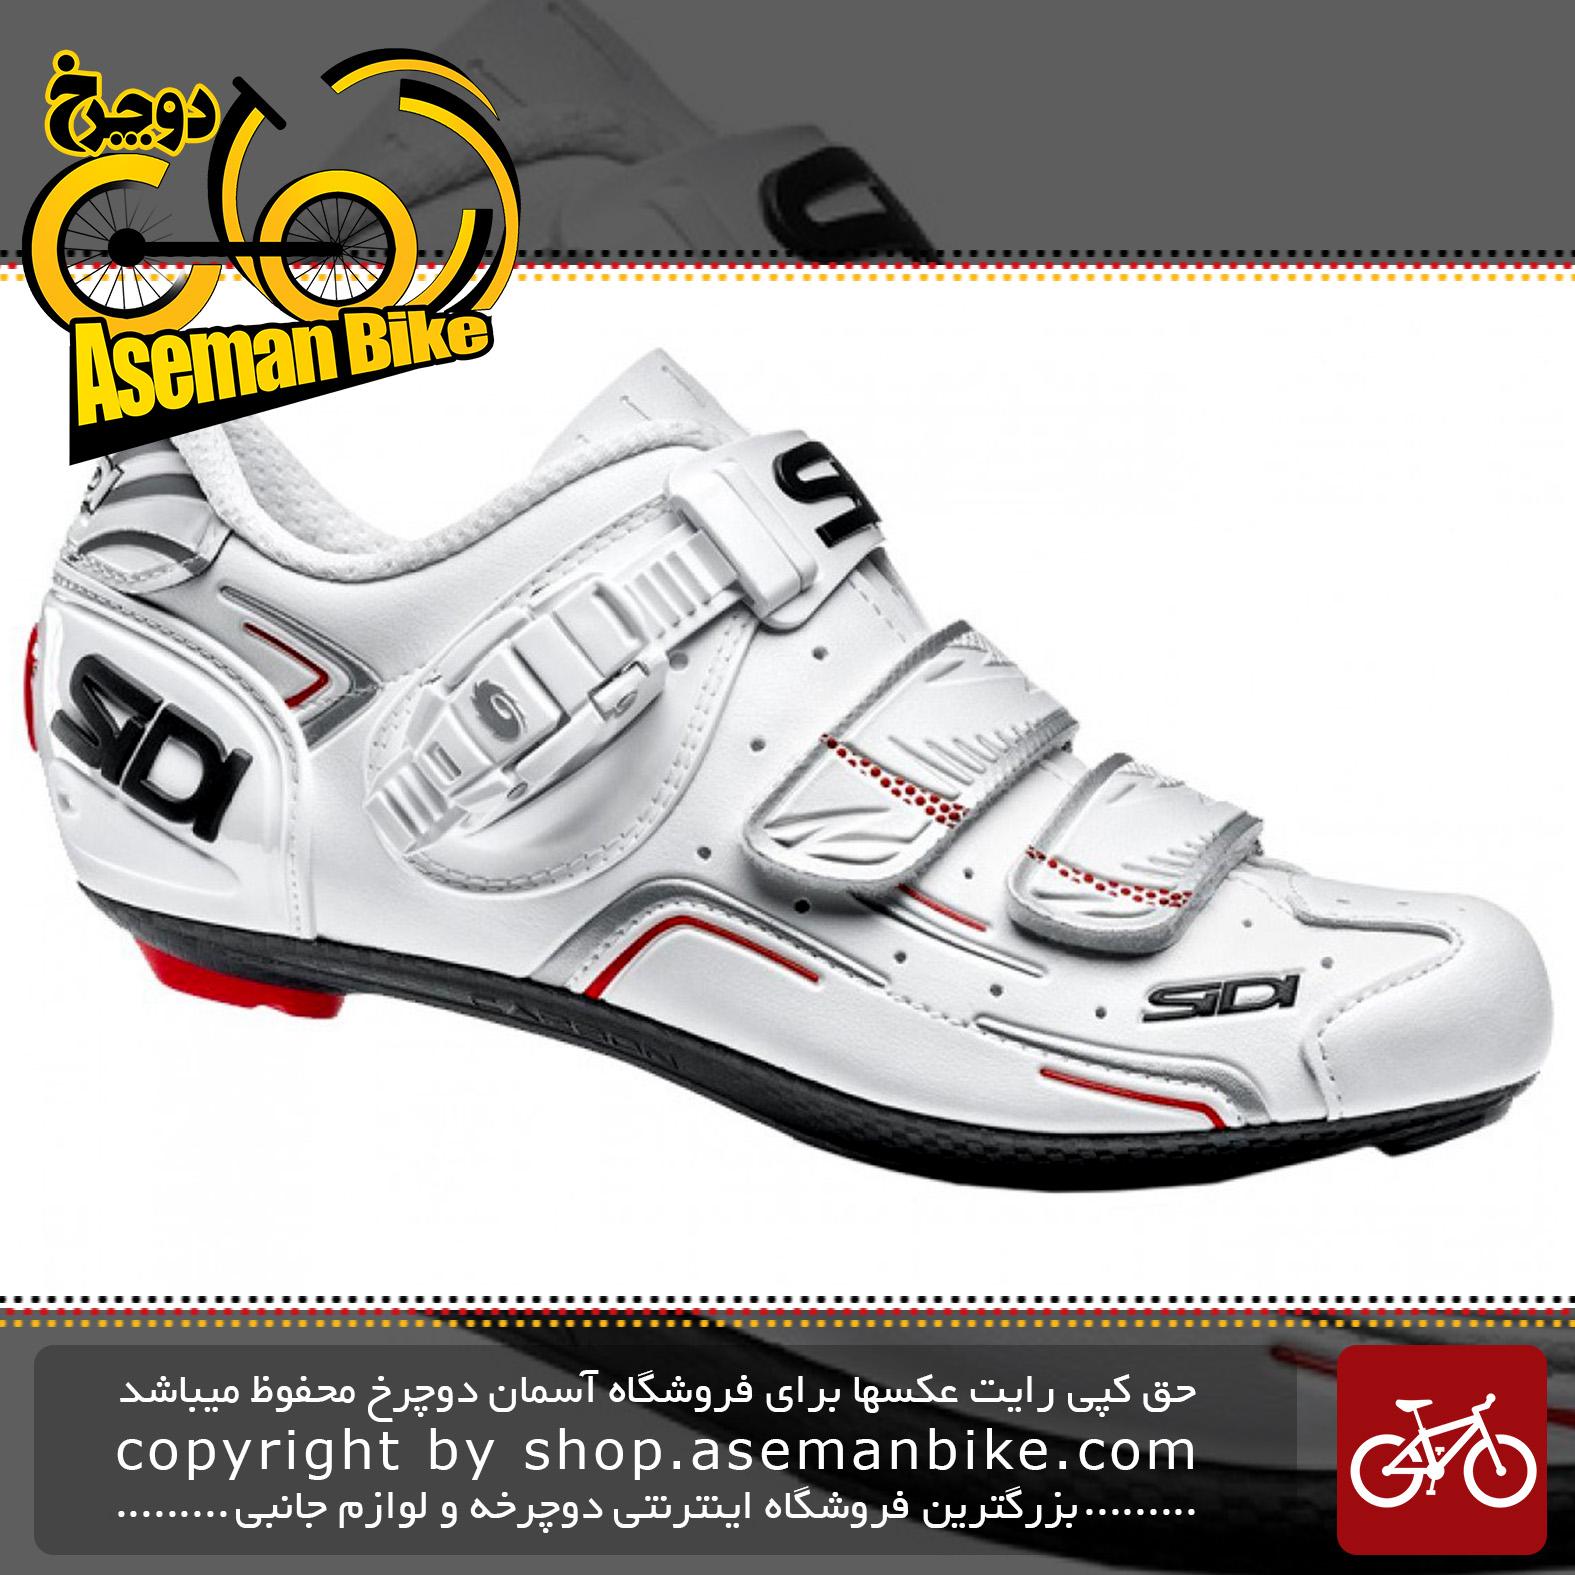 کفش دوچرخه سواری کربن کورسی جاده سی دی ایتالیا مدل لول سفید SIDI On Road Shoes Italy Carbon LEVEL